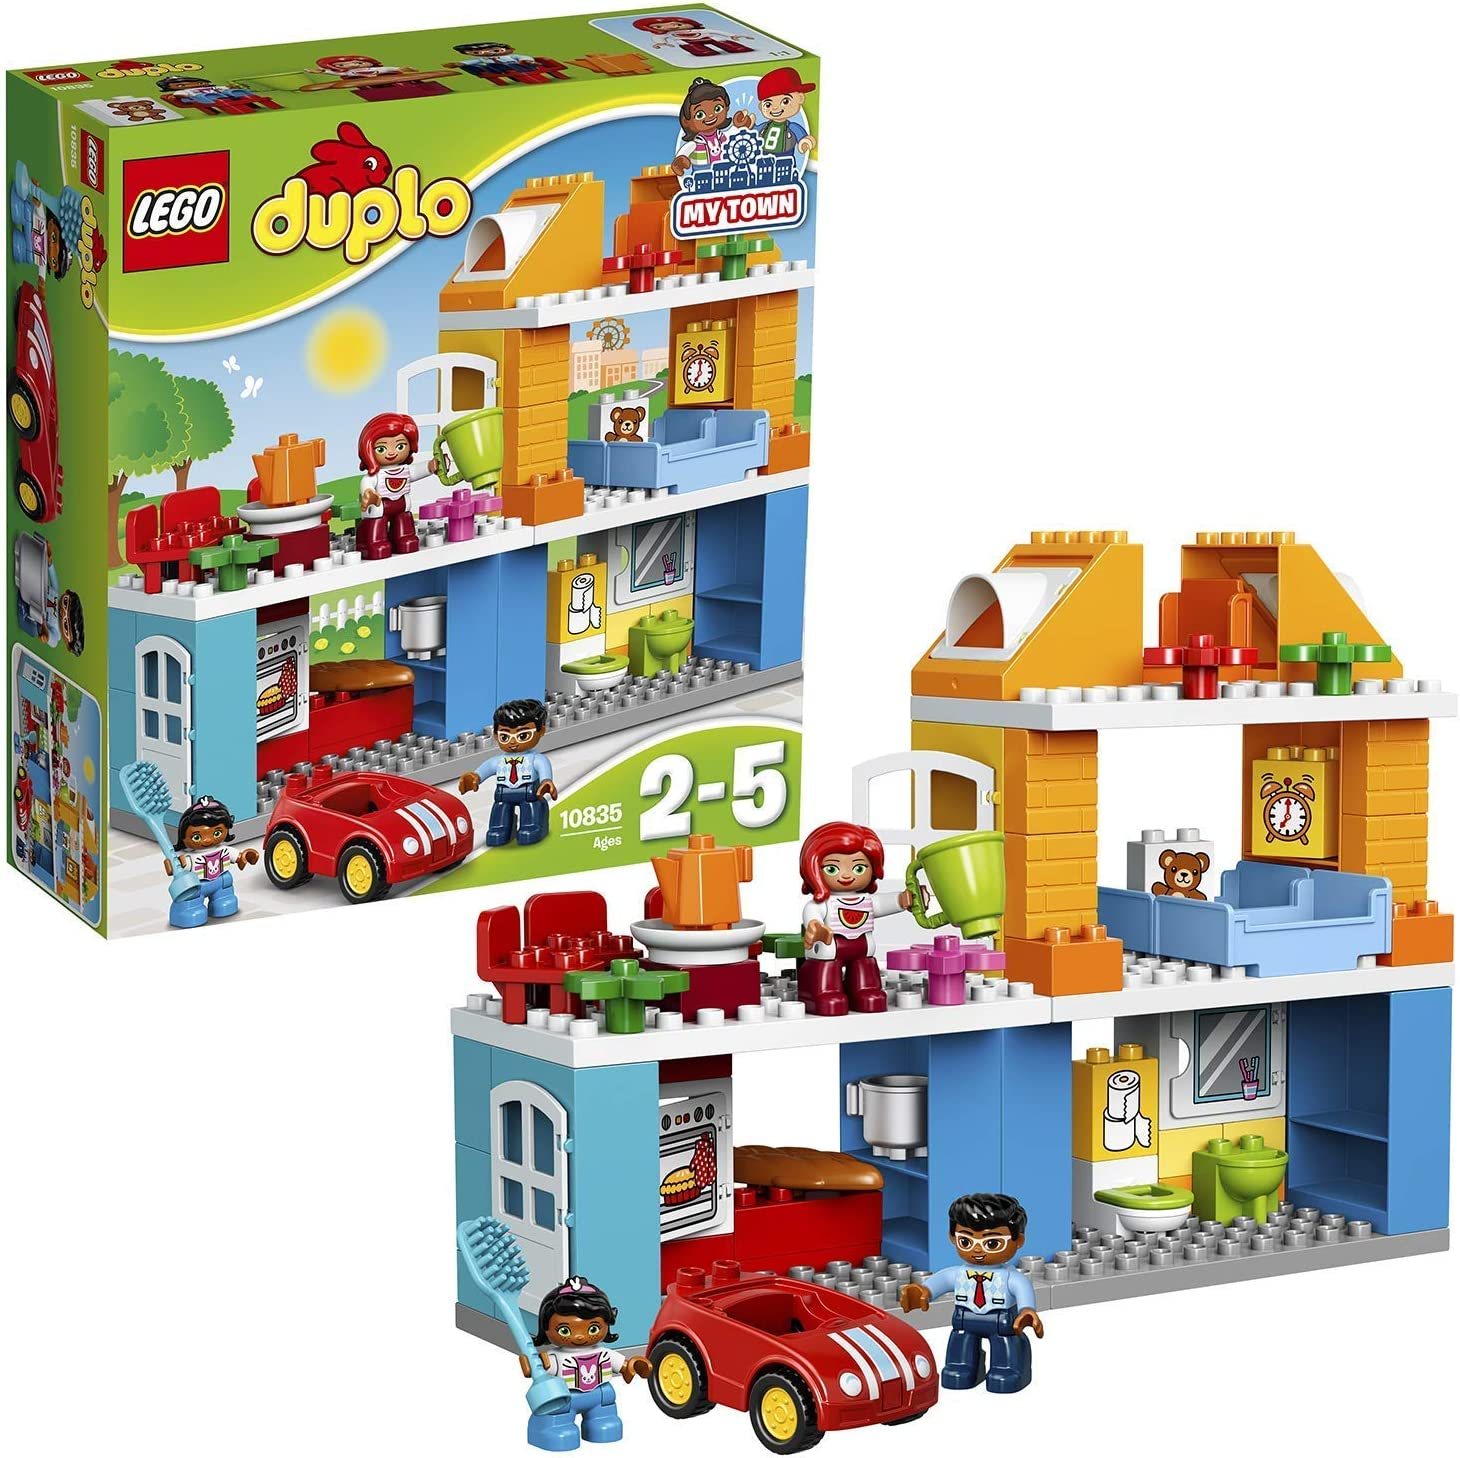 LEGO DUPLO Town - Casa Familiar de Juguete de Preescolar con Muñecos y Coches para Niños y Niñas de 2 a 5 Años, Incluye Varias Plantas Distintas (10835)